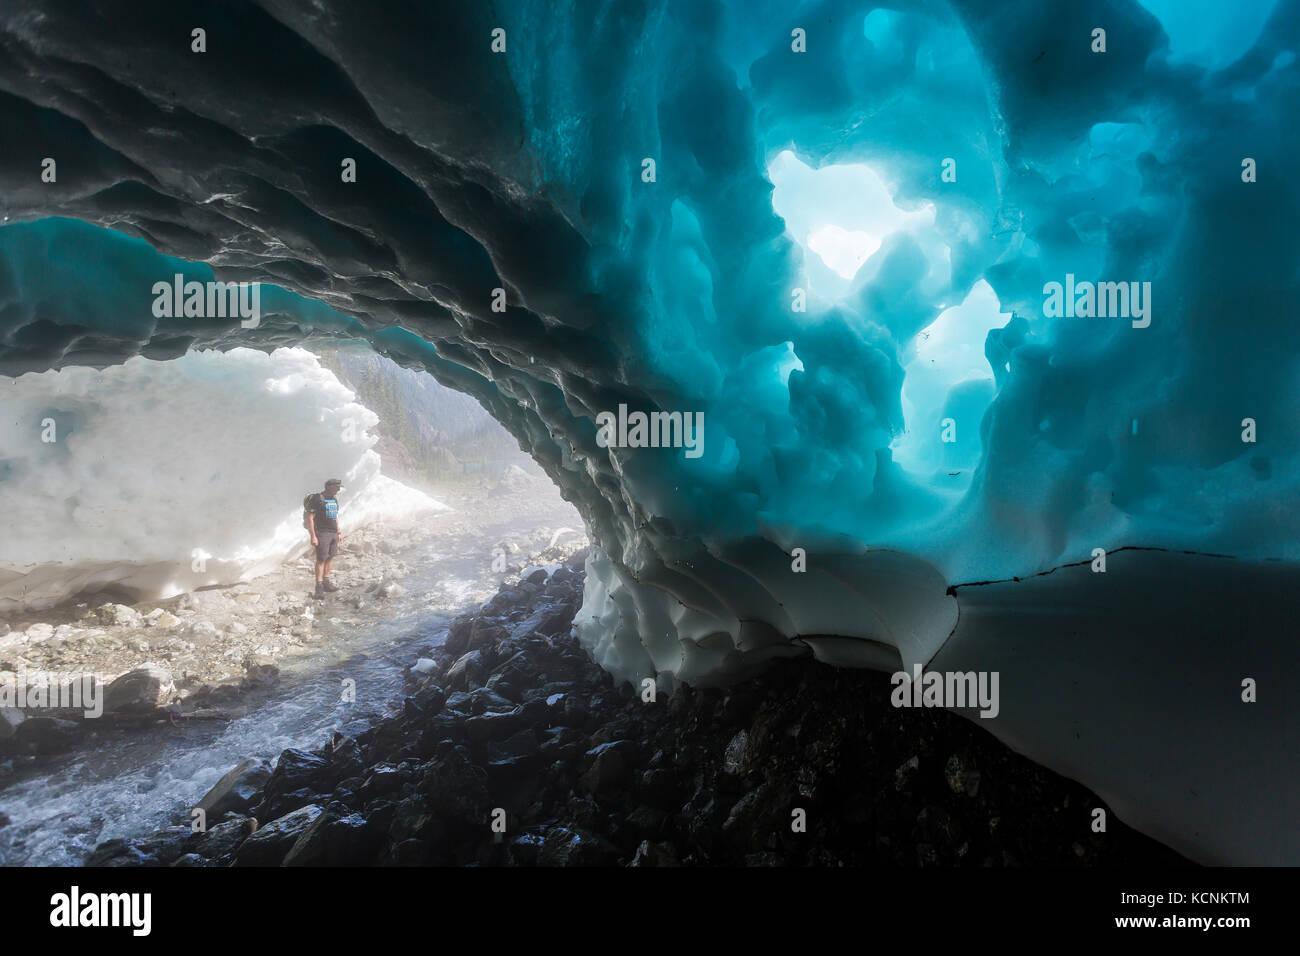 Un excursionista camina a través de una cueva de nieve en la base del siglo sam lake, strathcona Park, la isla Imagen De Stock